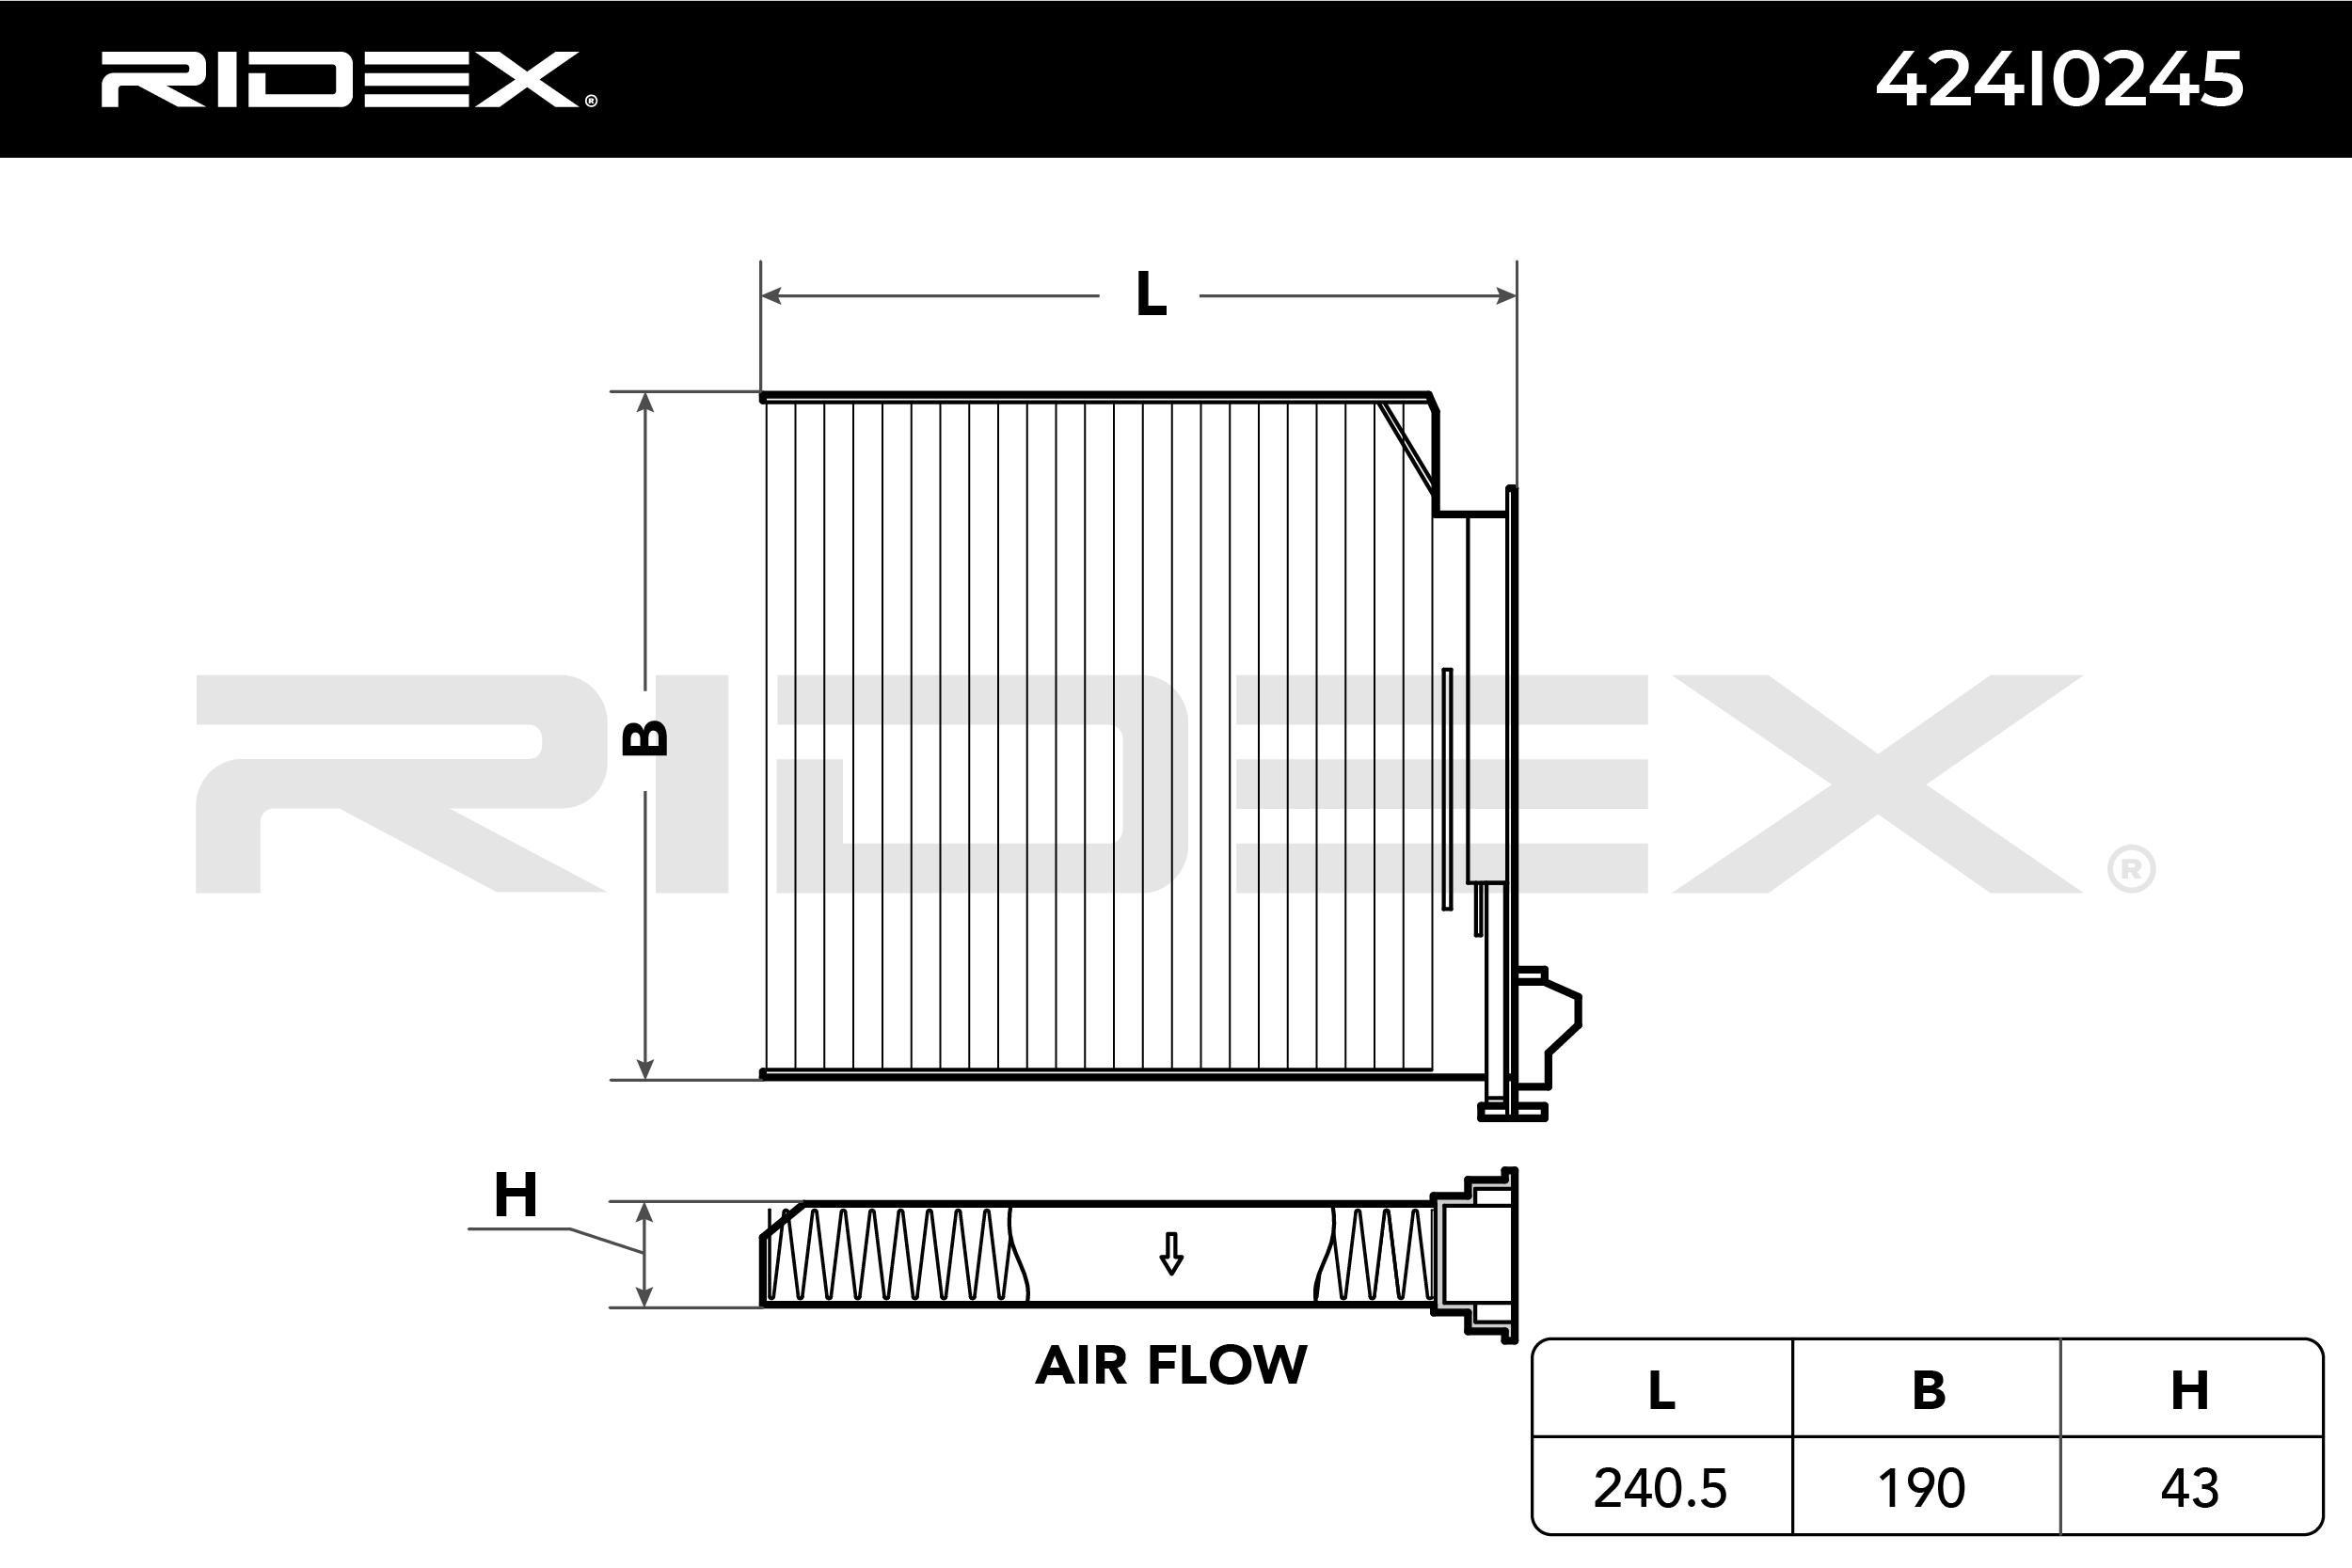 RIDEX: Original Pollenfilter 424I0245 (Breite: 190.0mm, Höhe: 43.0mm)